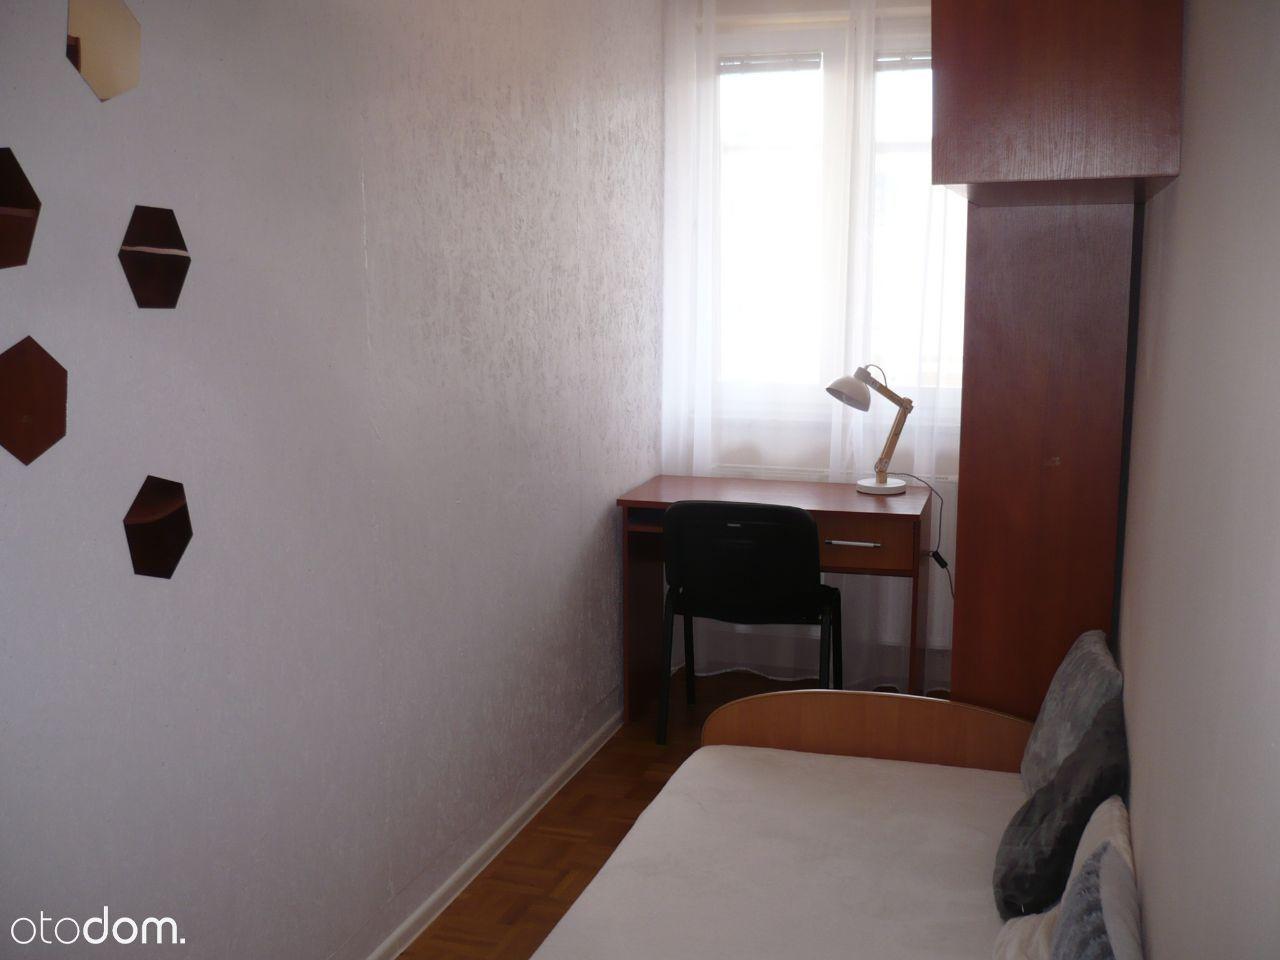 Wolne pokoje dla studentek